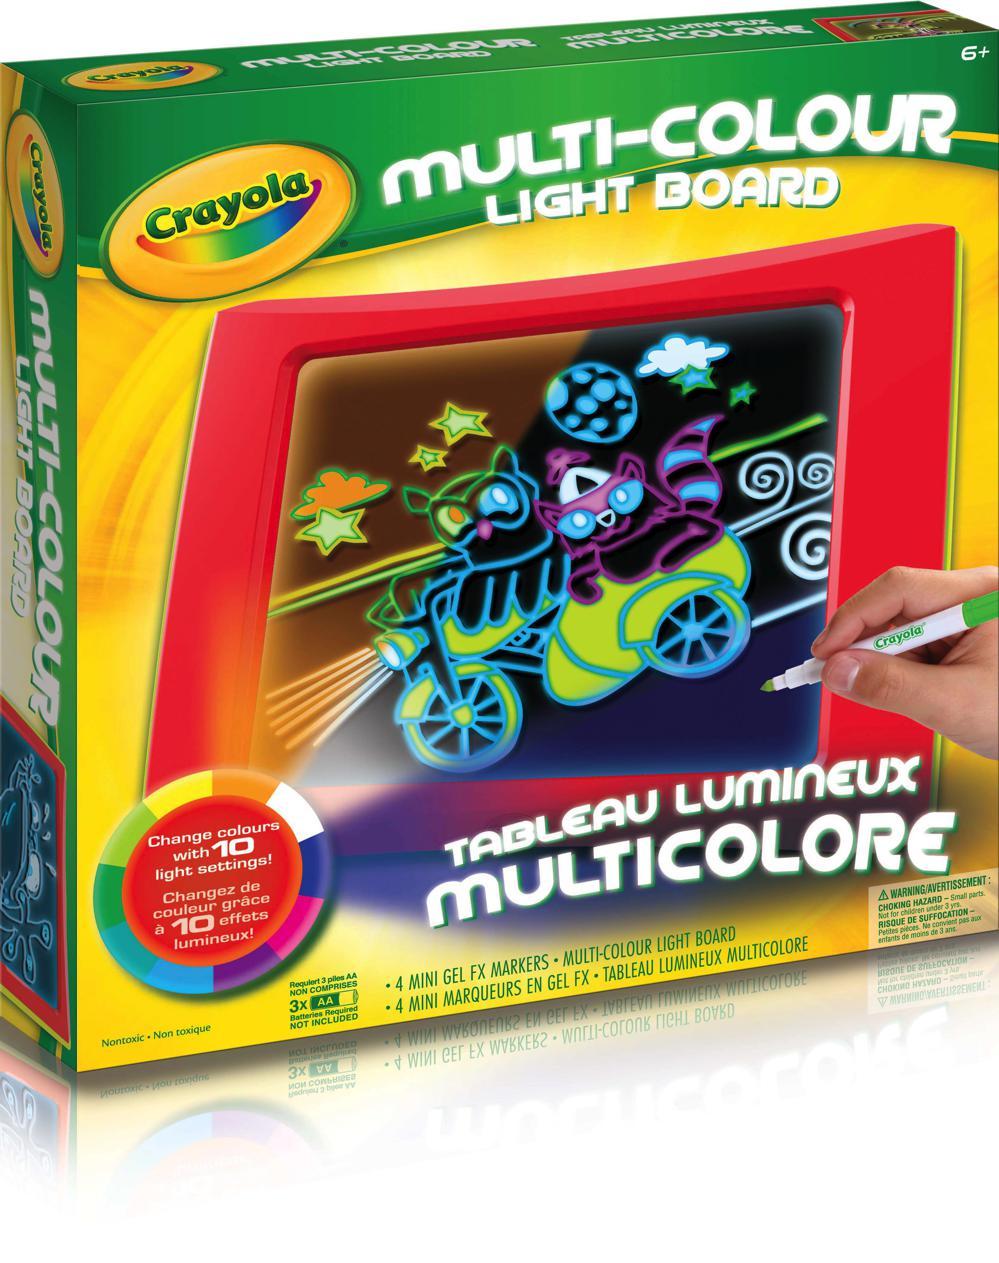 Lumineux Tableau Multicolore Multicolore Tableau Tableau Multicolore Lumineux Tableau Tableau Lumineux Multicolore Lumineux Lumineux hQCdtrsx